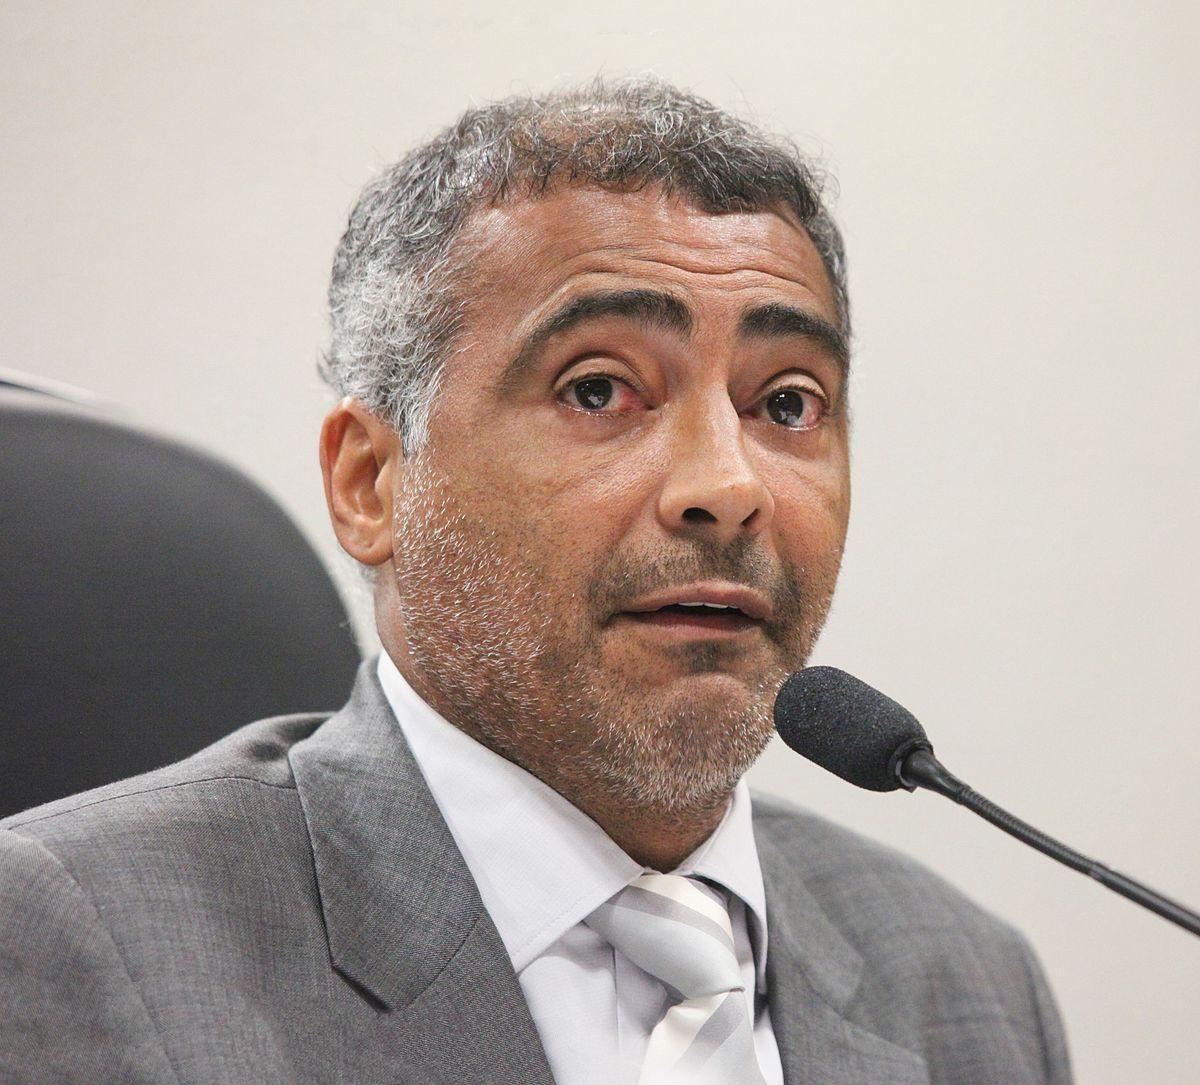 Romário de Souza Faria Viquip¨dia l enciclop¨dia lliure